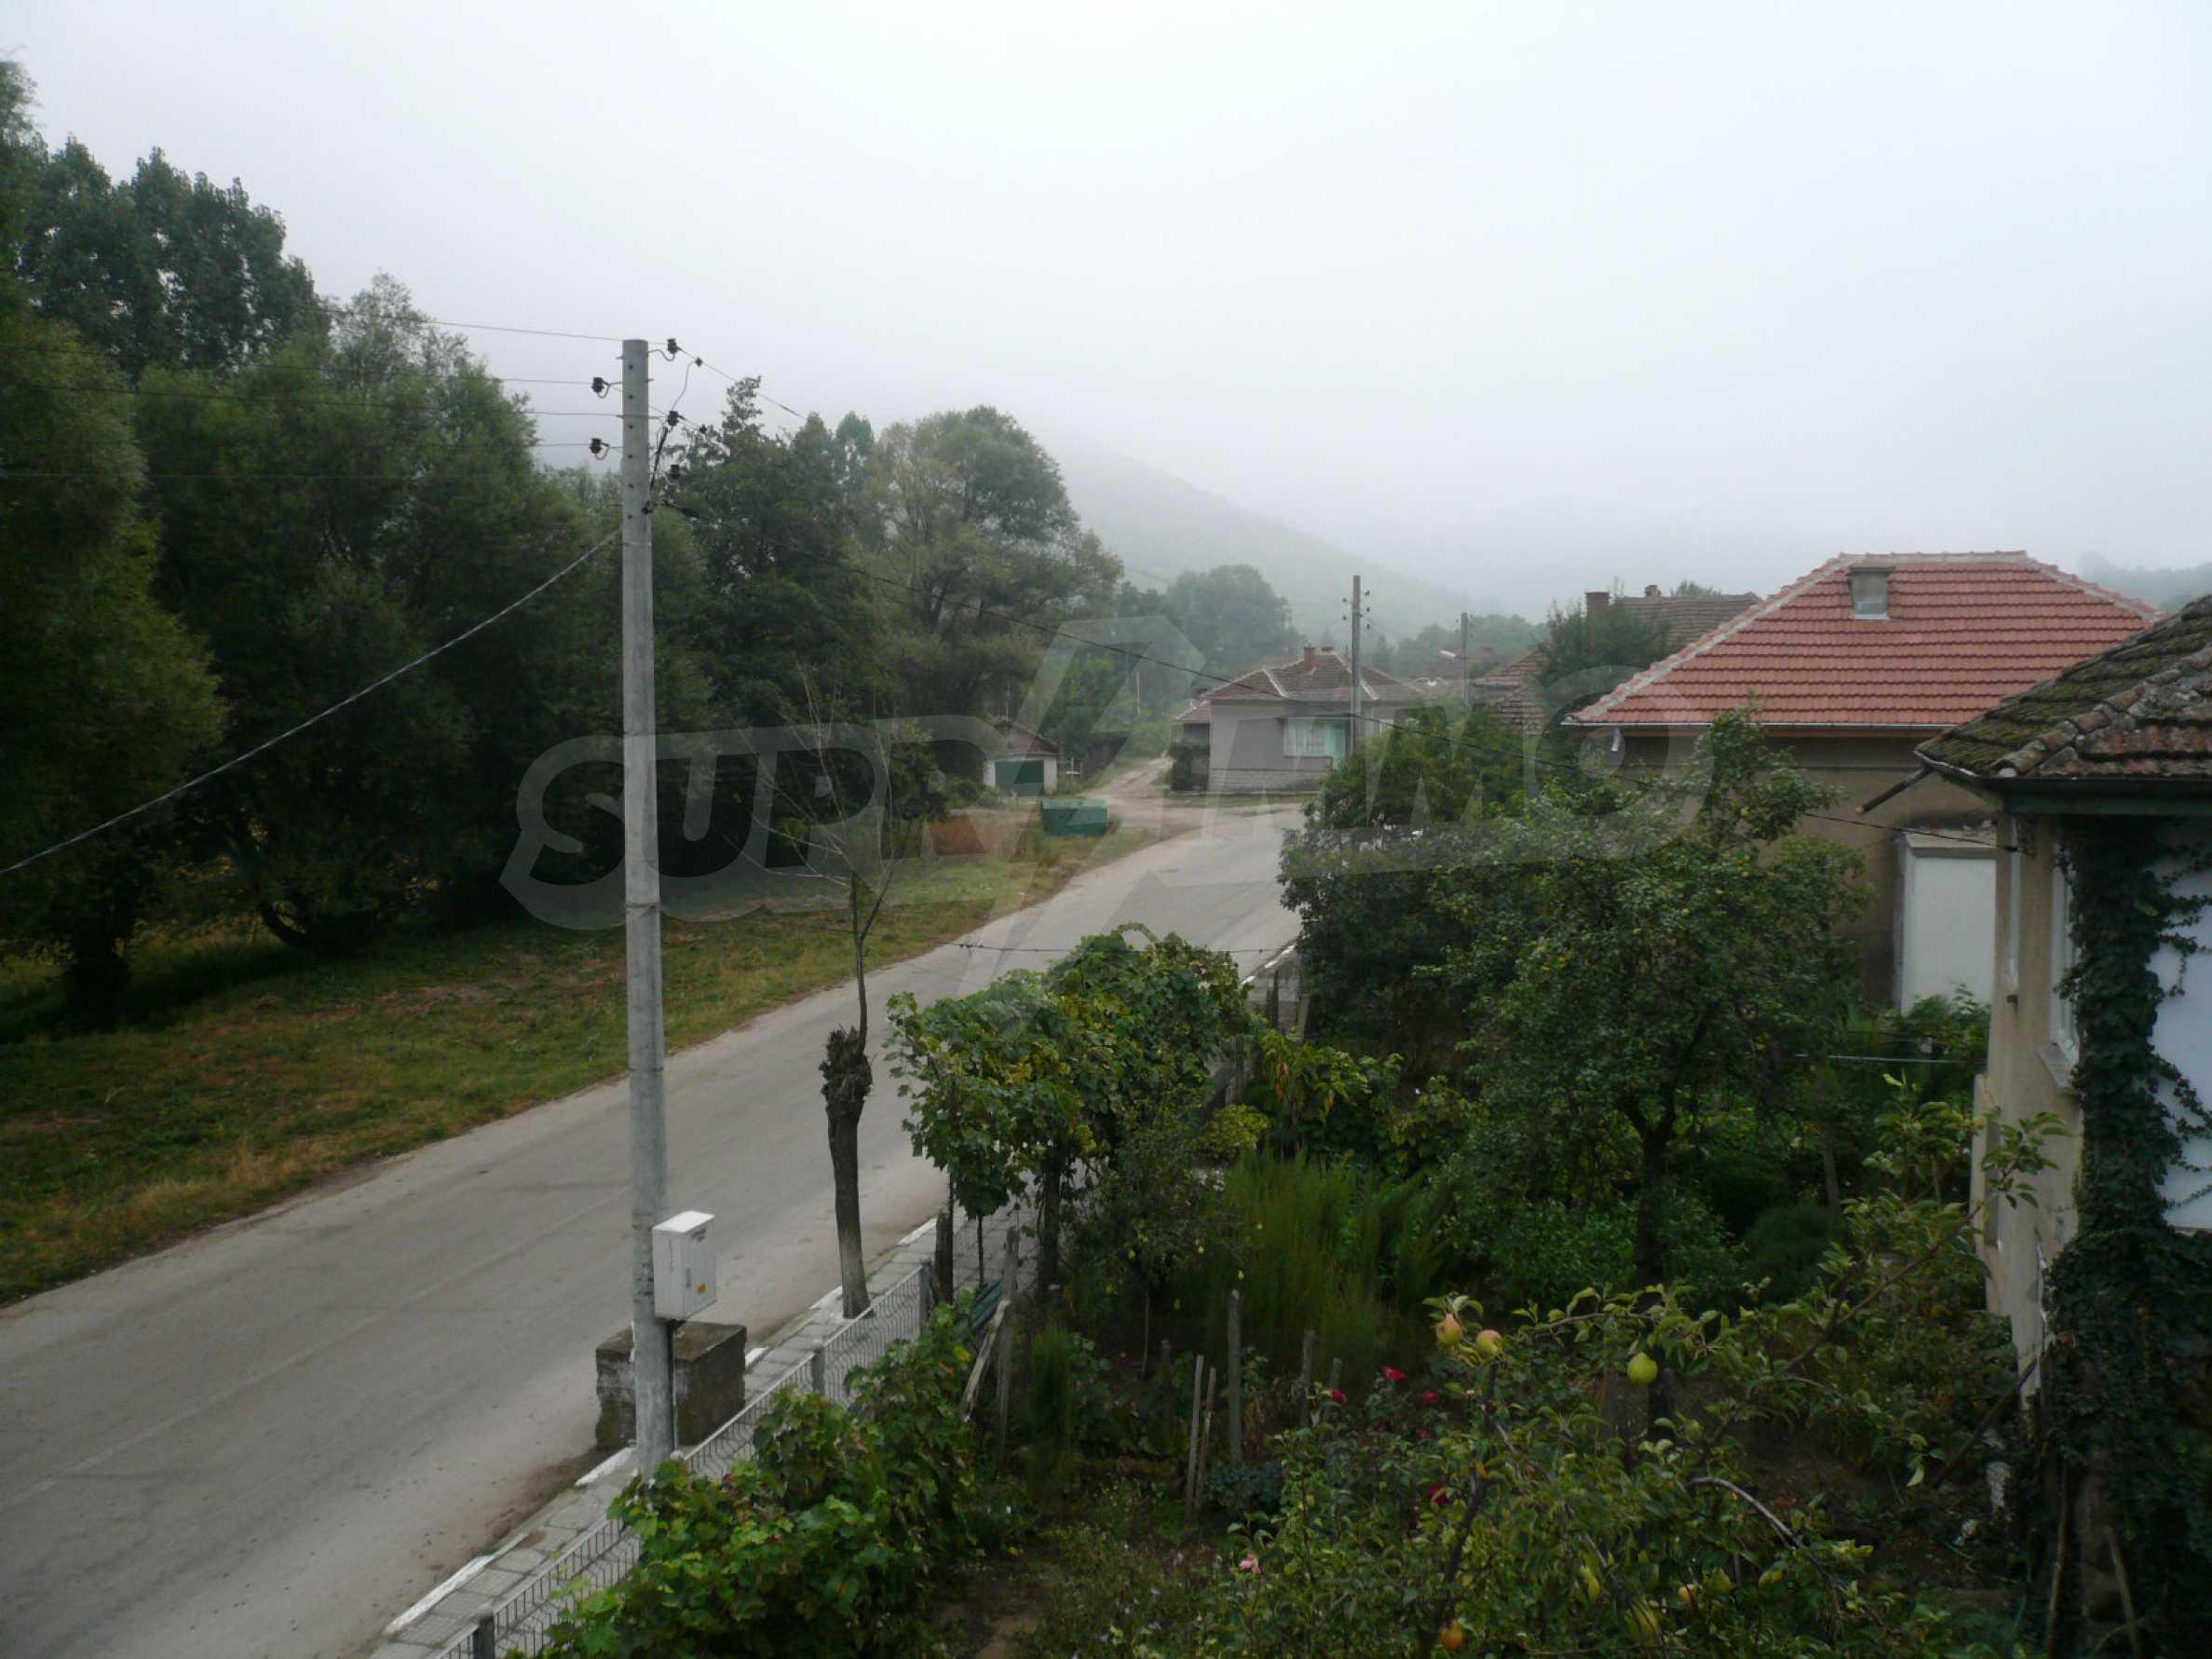 Wunderschönes massives Haus 27 km von Belogradchik entfernt 16